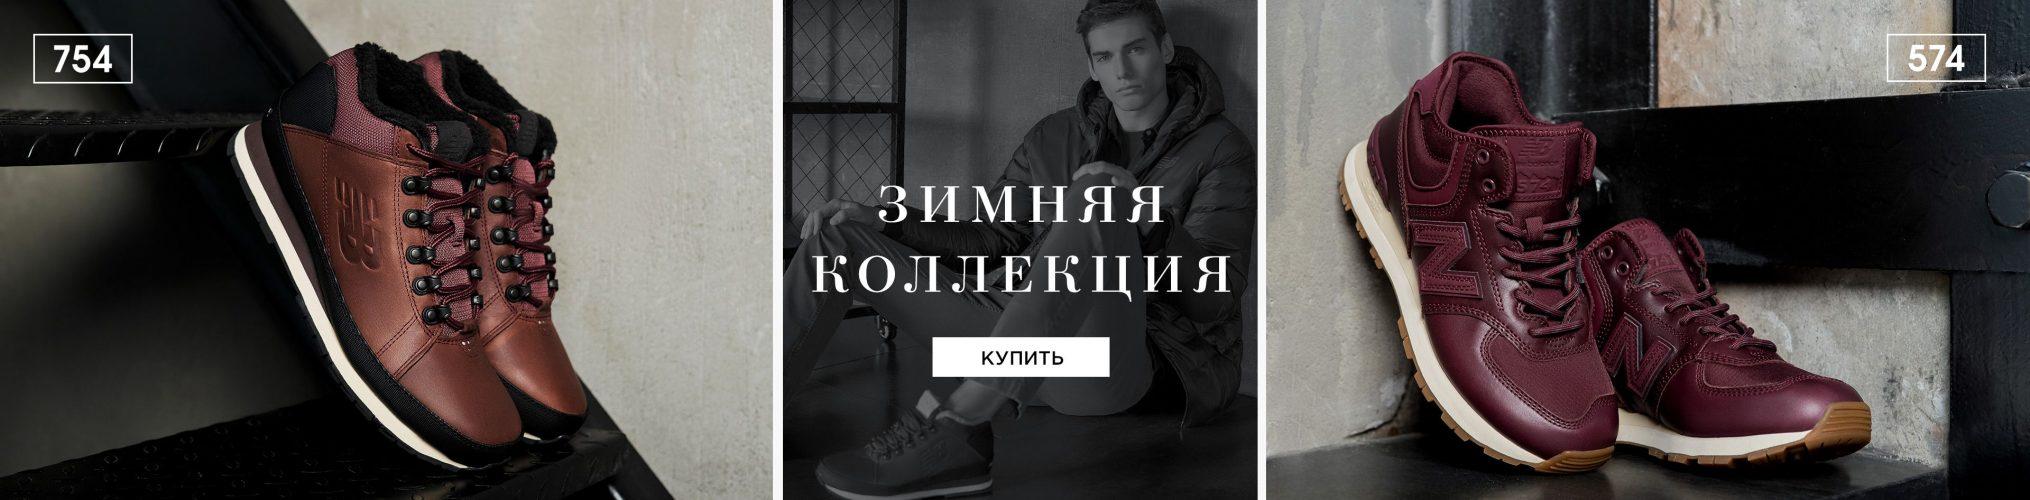 Официальный представитель New Balance в Беларуси, купить кроссовки ... 1d1cf3a39f7